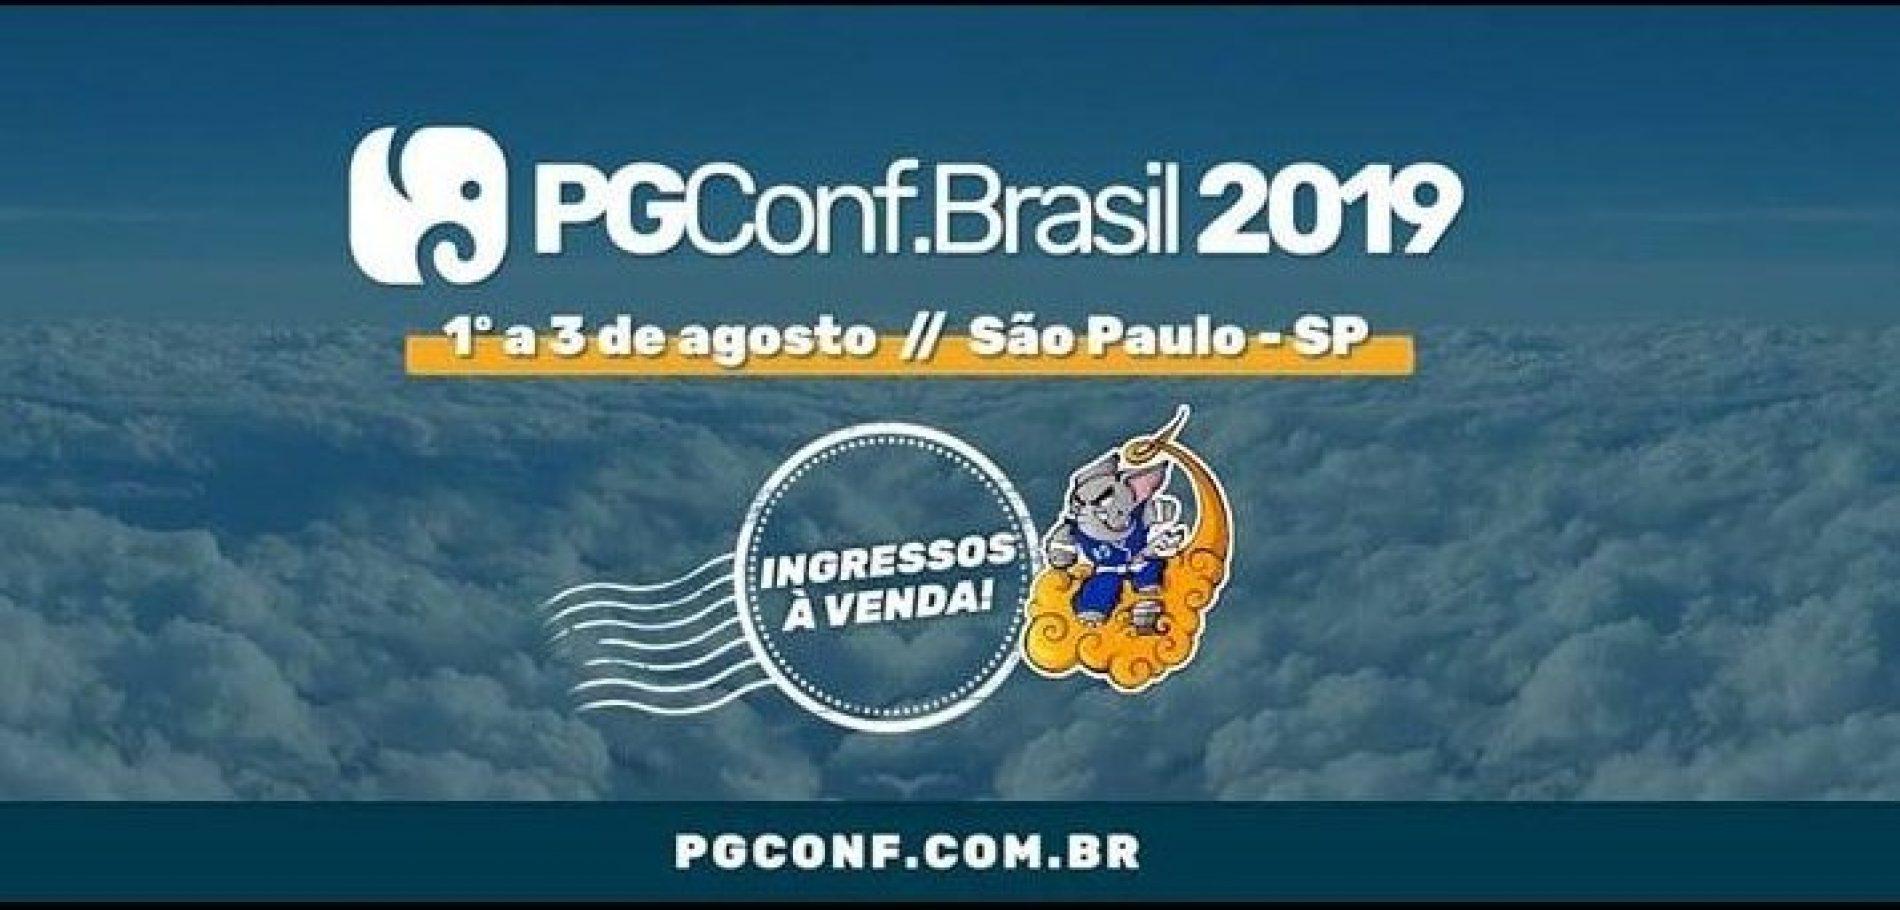 4Linux estará presente no maior evento PostgreSQL do Brasil – PGCONF 2019